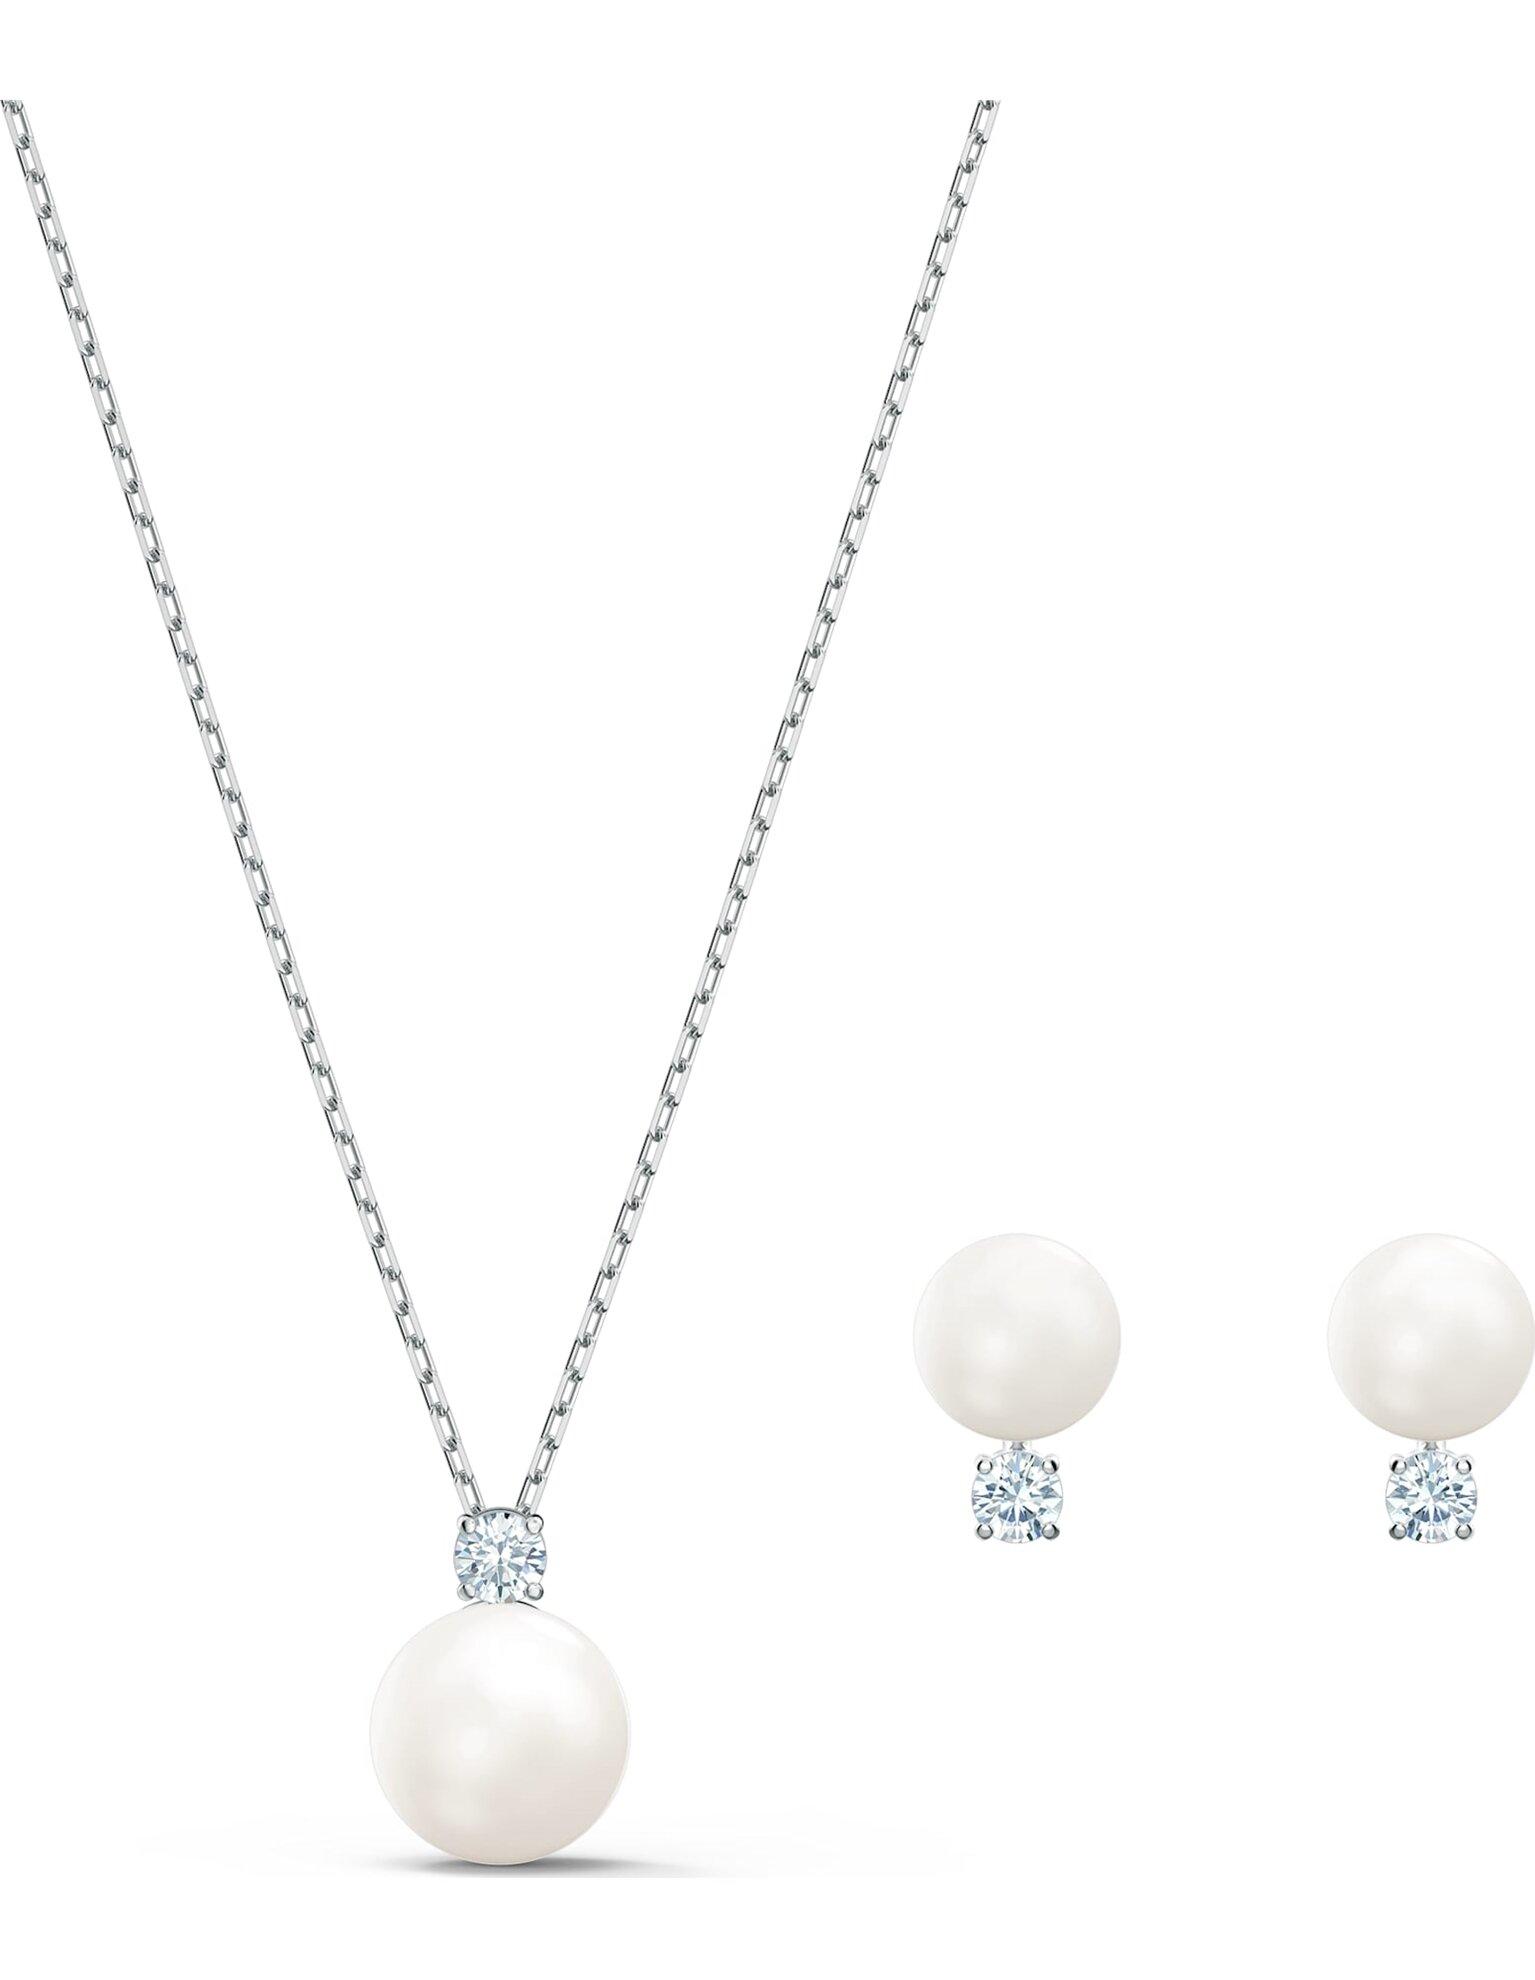 Picture of Treasure Pearl Set, Beyaz, Rodyum kaplama